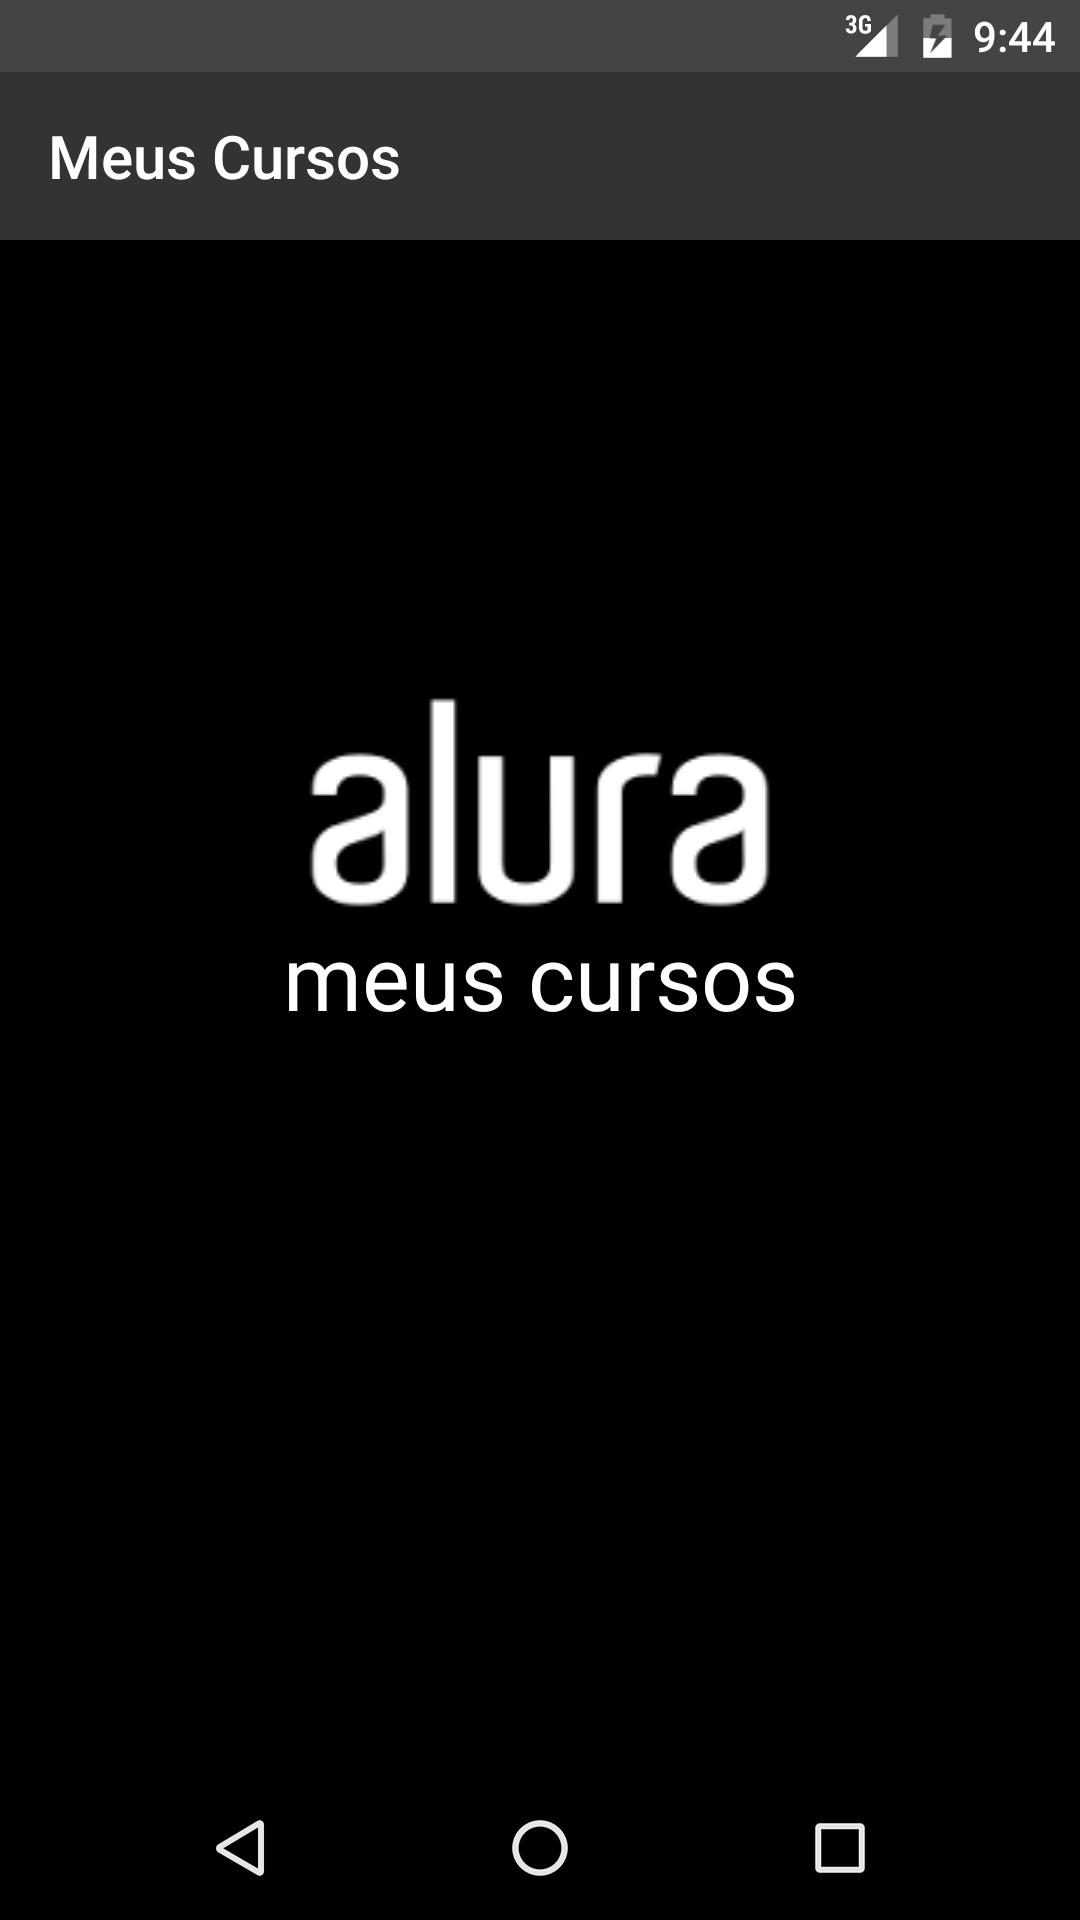 splash_screen_alura